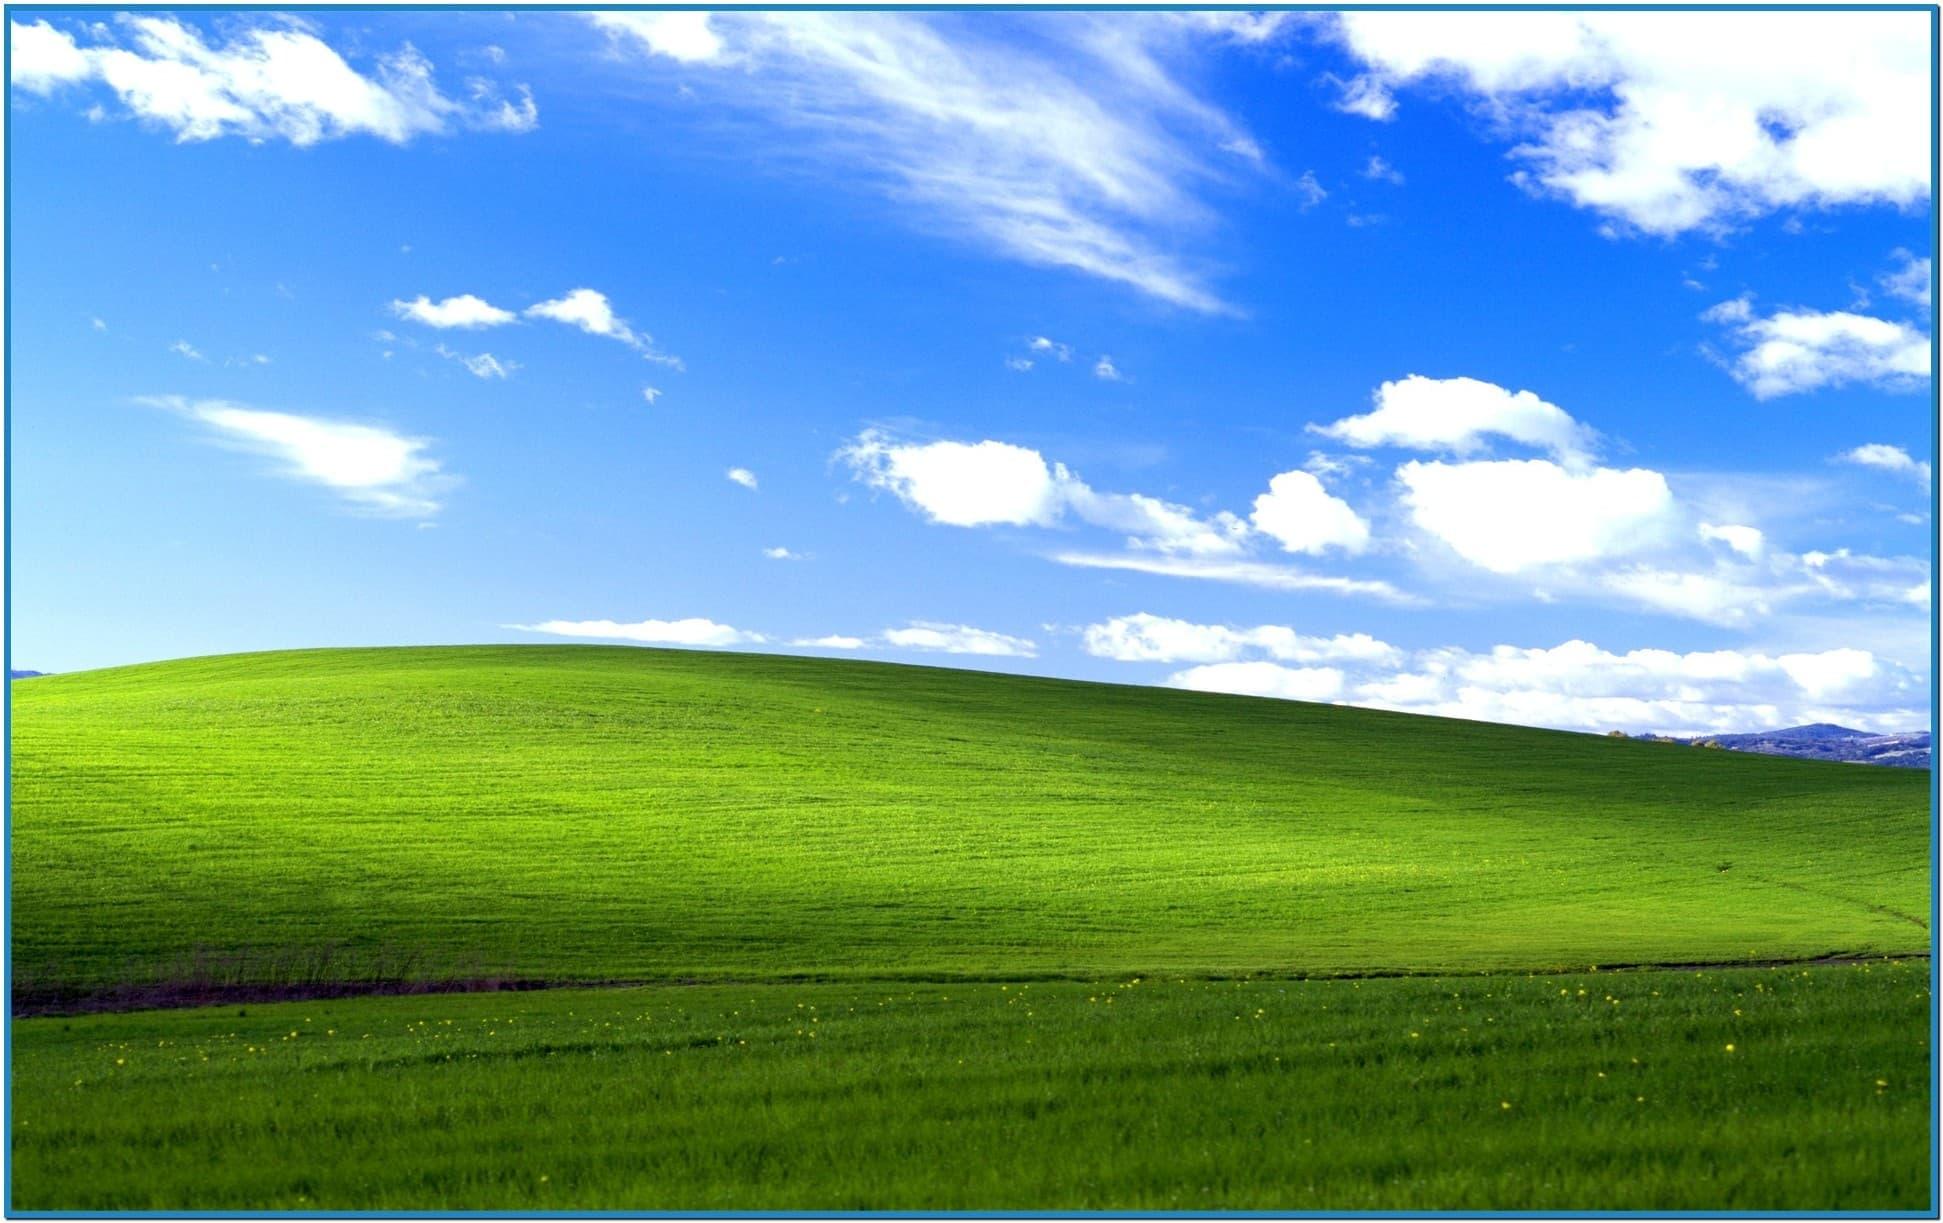 Wallpaper Screensavers Windows 7 Free Wallpapersafari